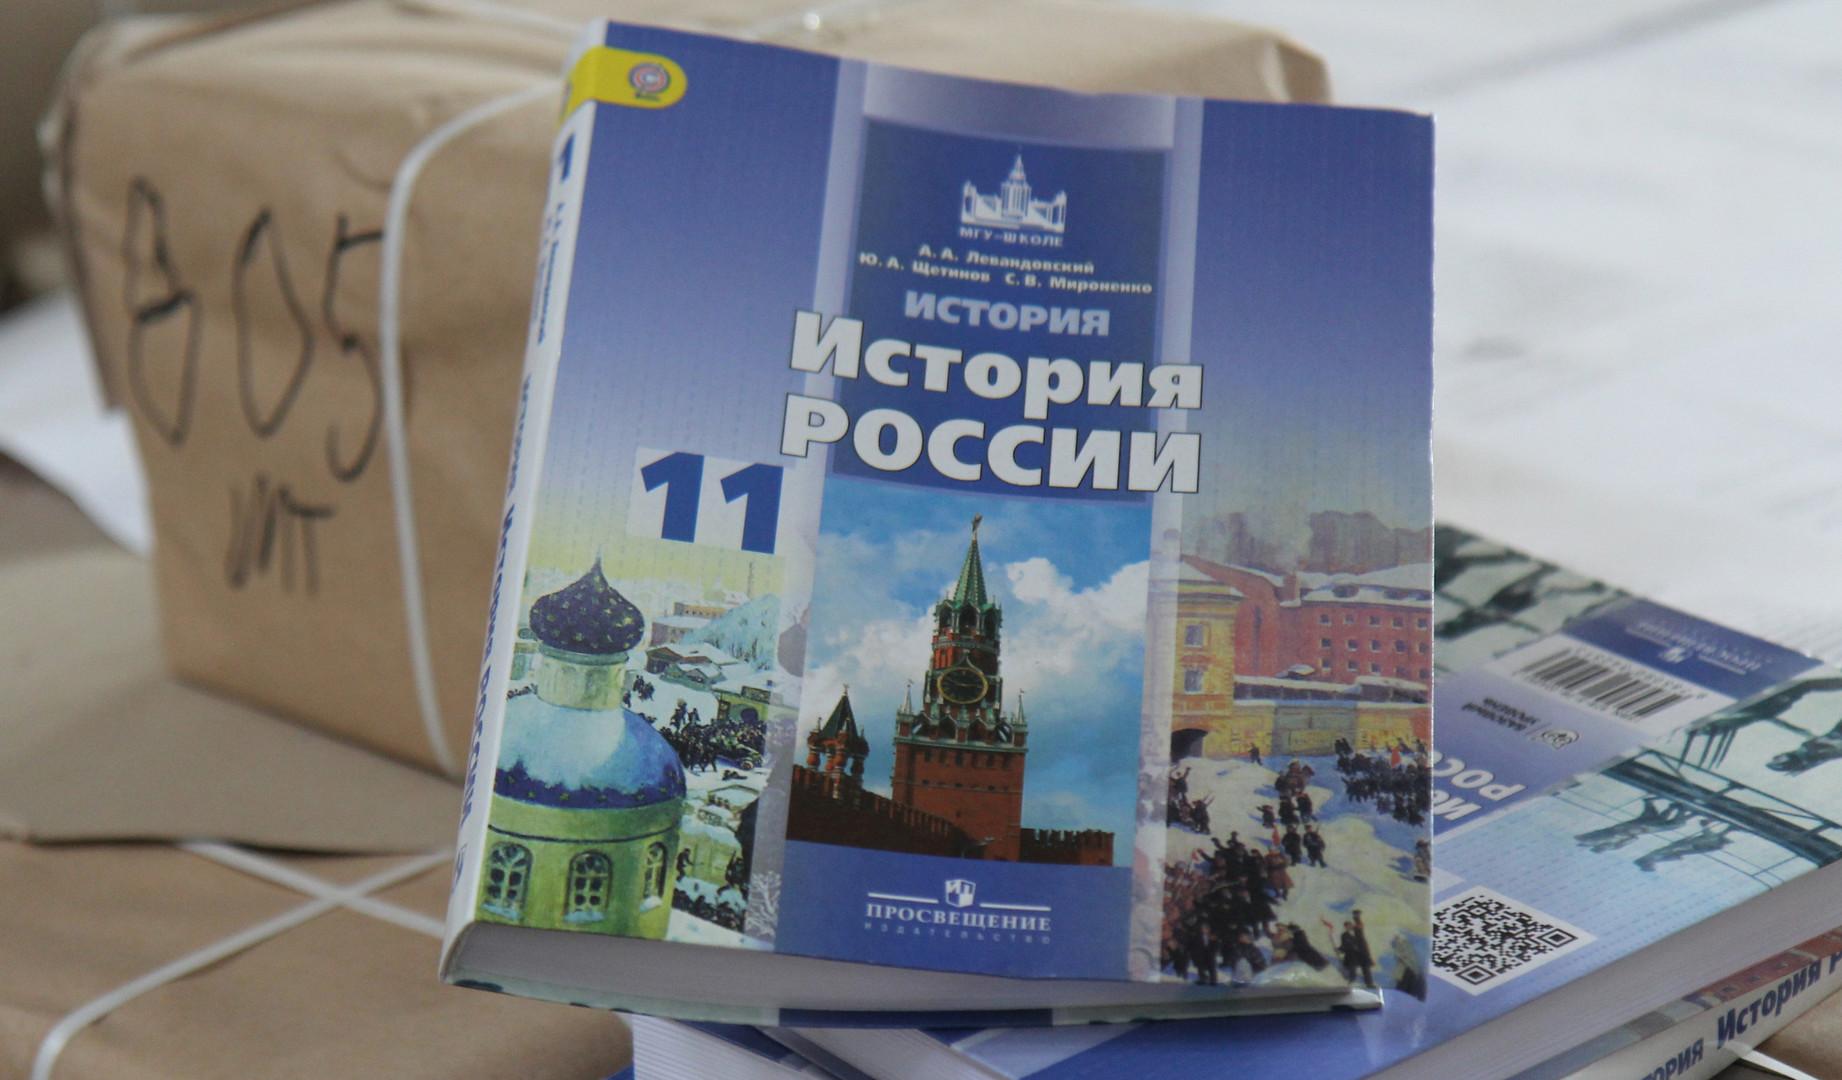 О Крыме и санкциях: историю в школах могут начать преподавать по-новому